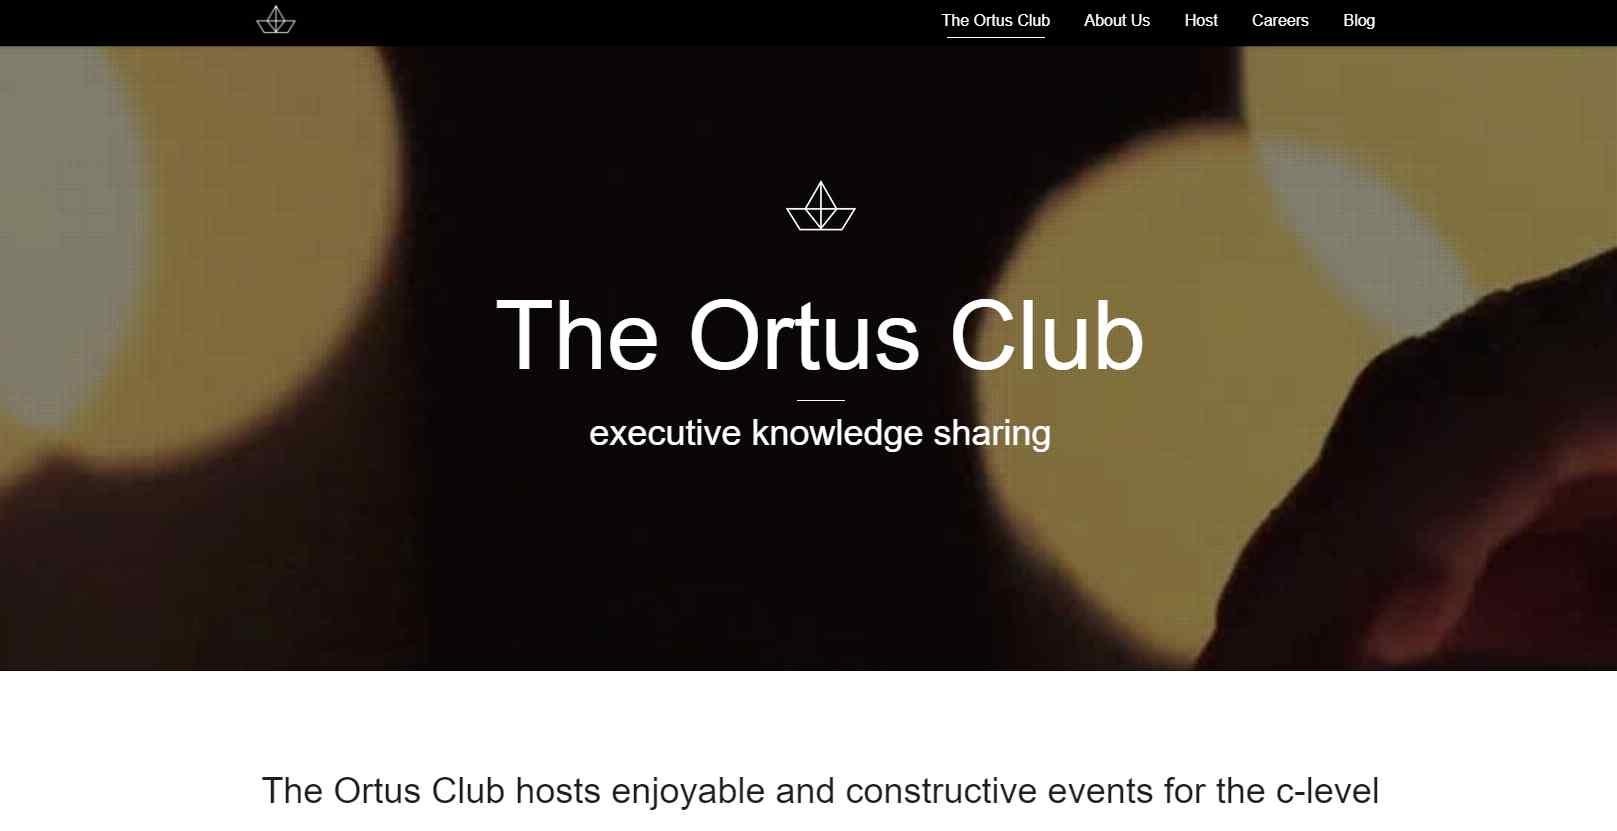 ortus club Top Event Management Companies in Singapore